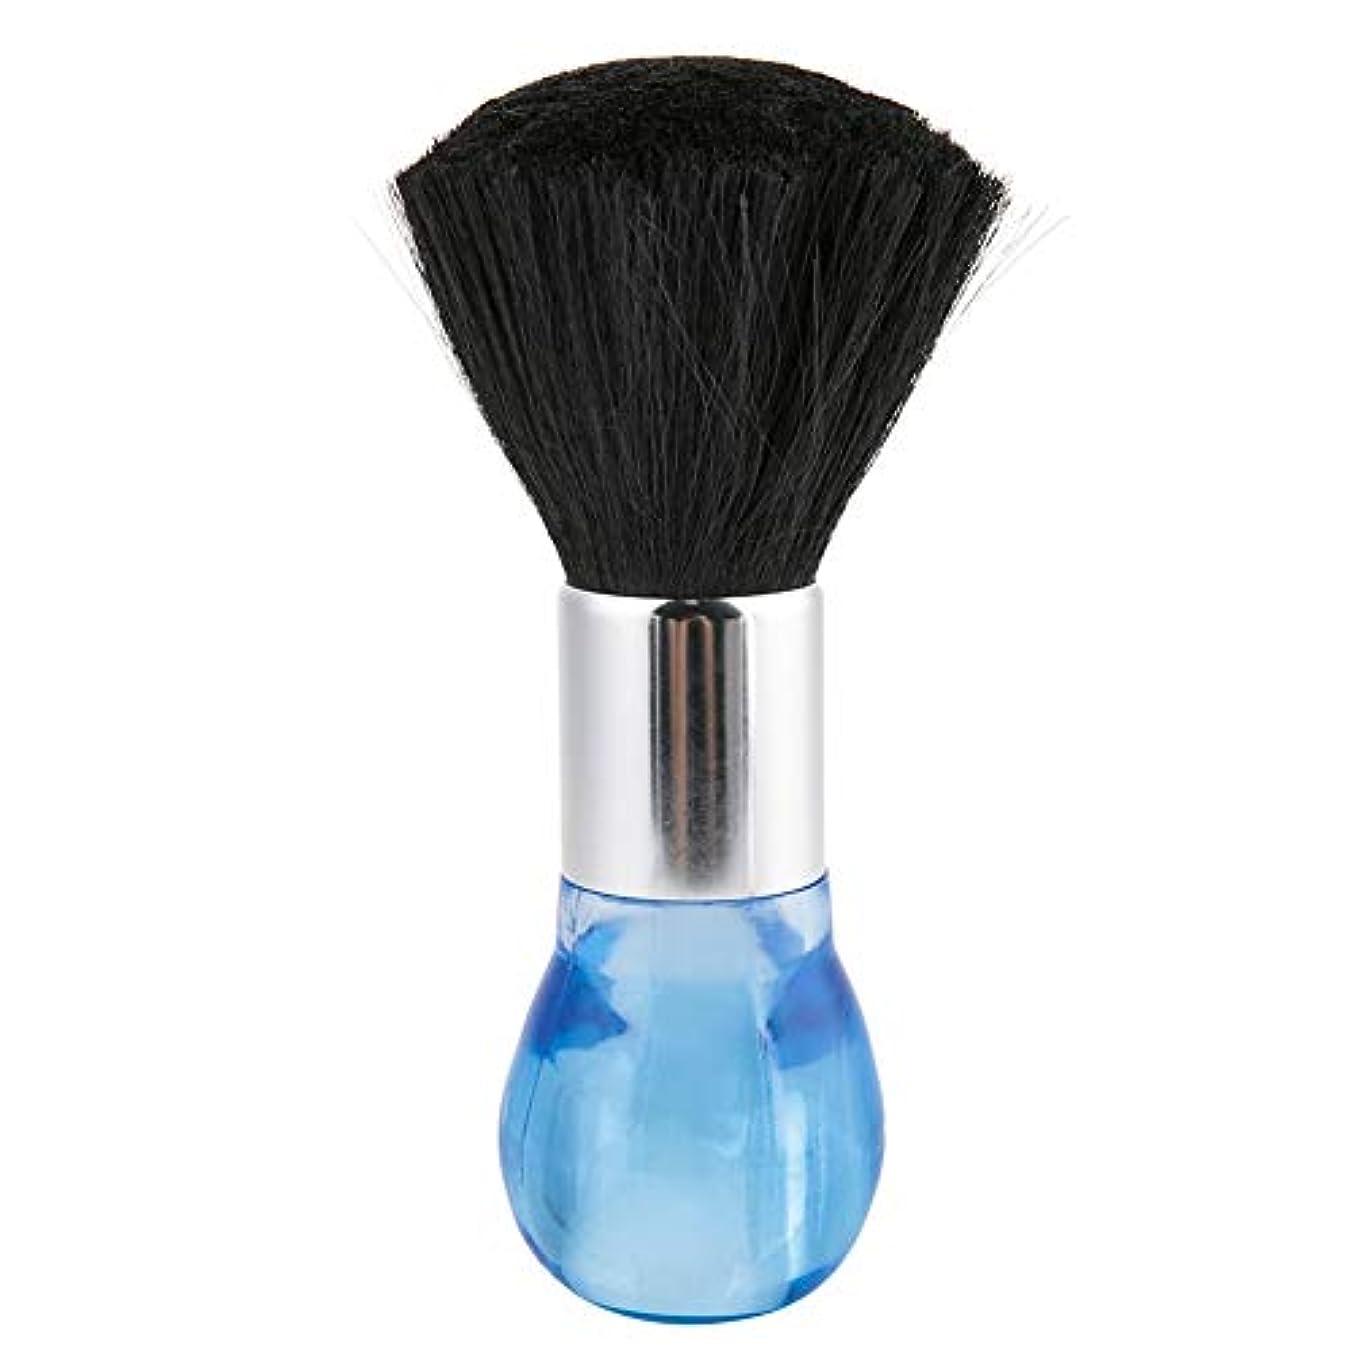 教会ラッシュ違う2色プロフェッショナルネックフェイスダスターブラシ理髪&サロンヘアクリーンヘアブラシ切削快適なグリップ理髪スタイリングツール(Blue)